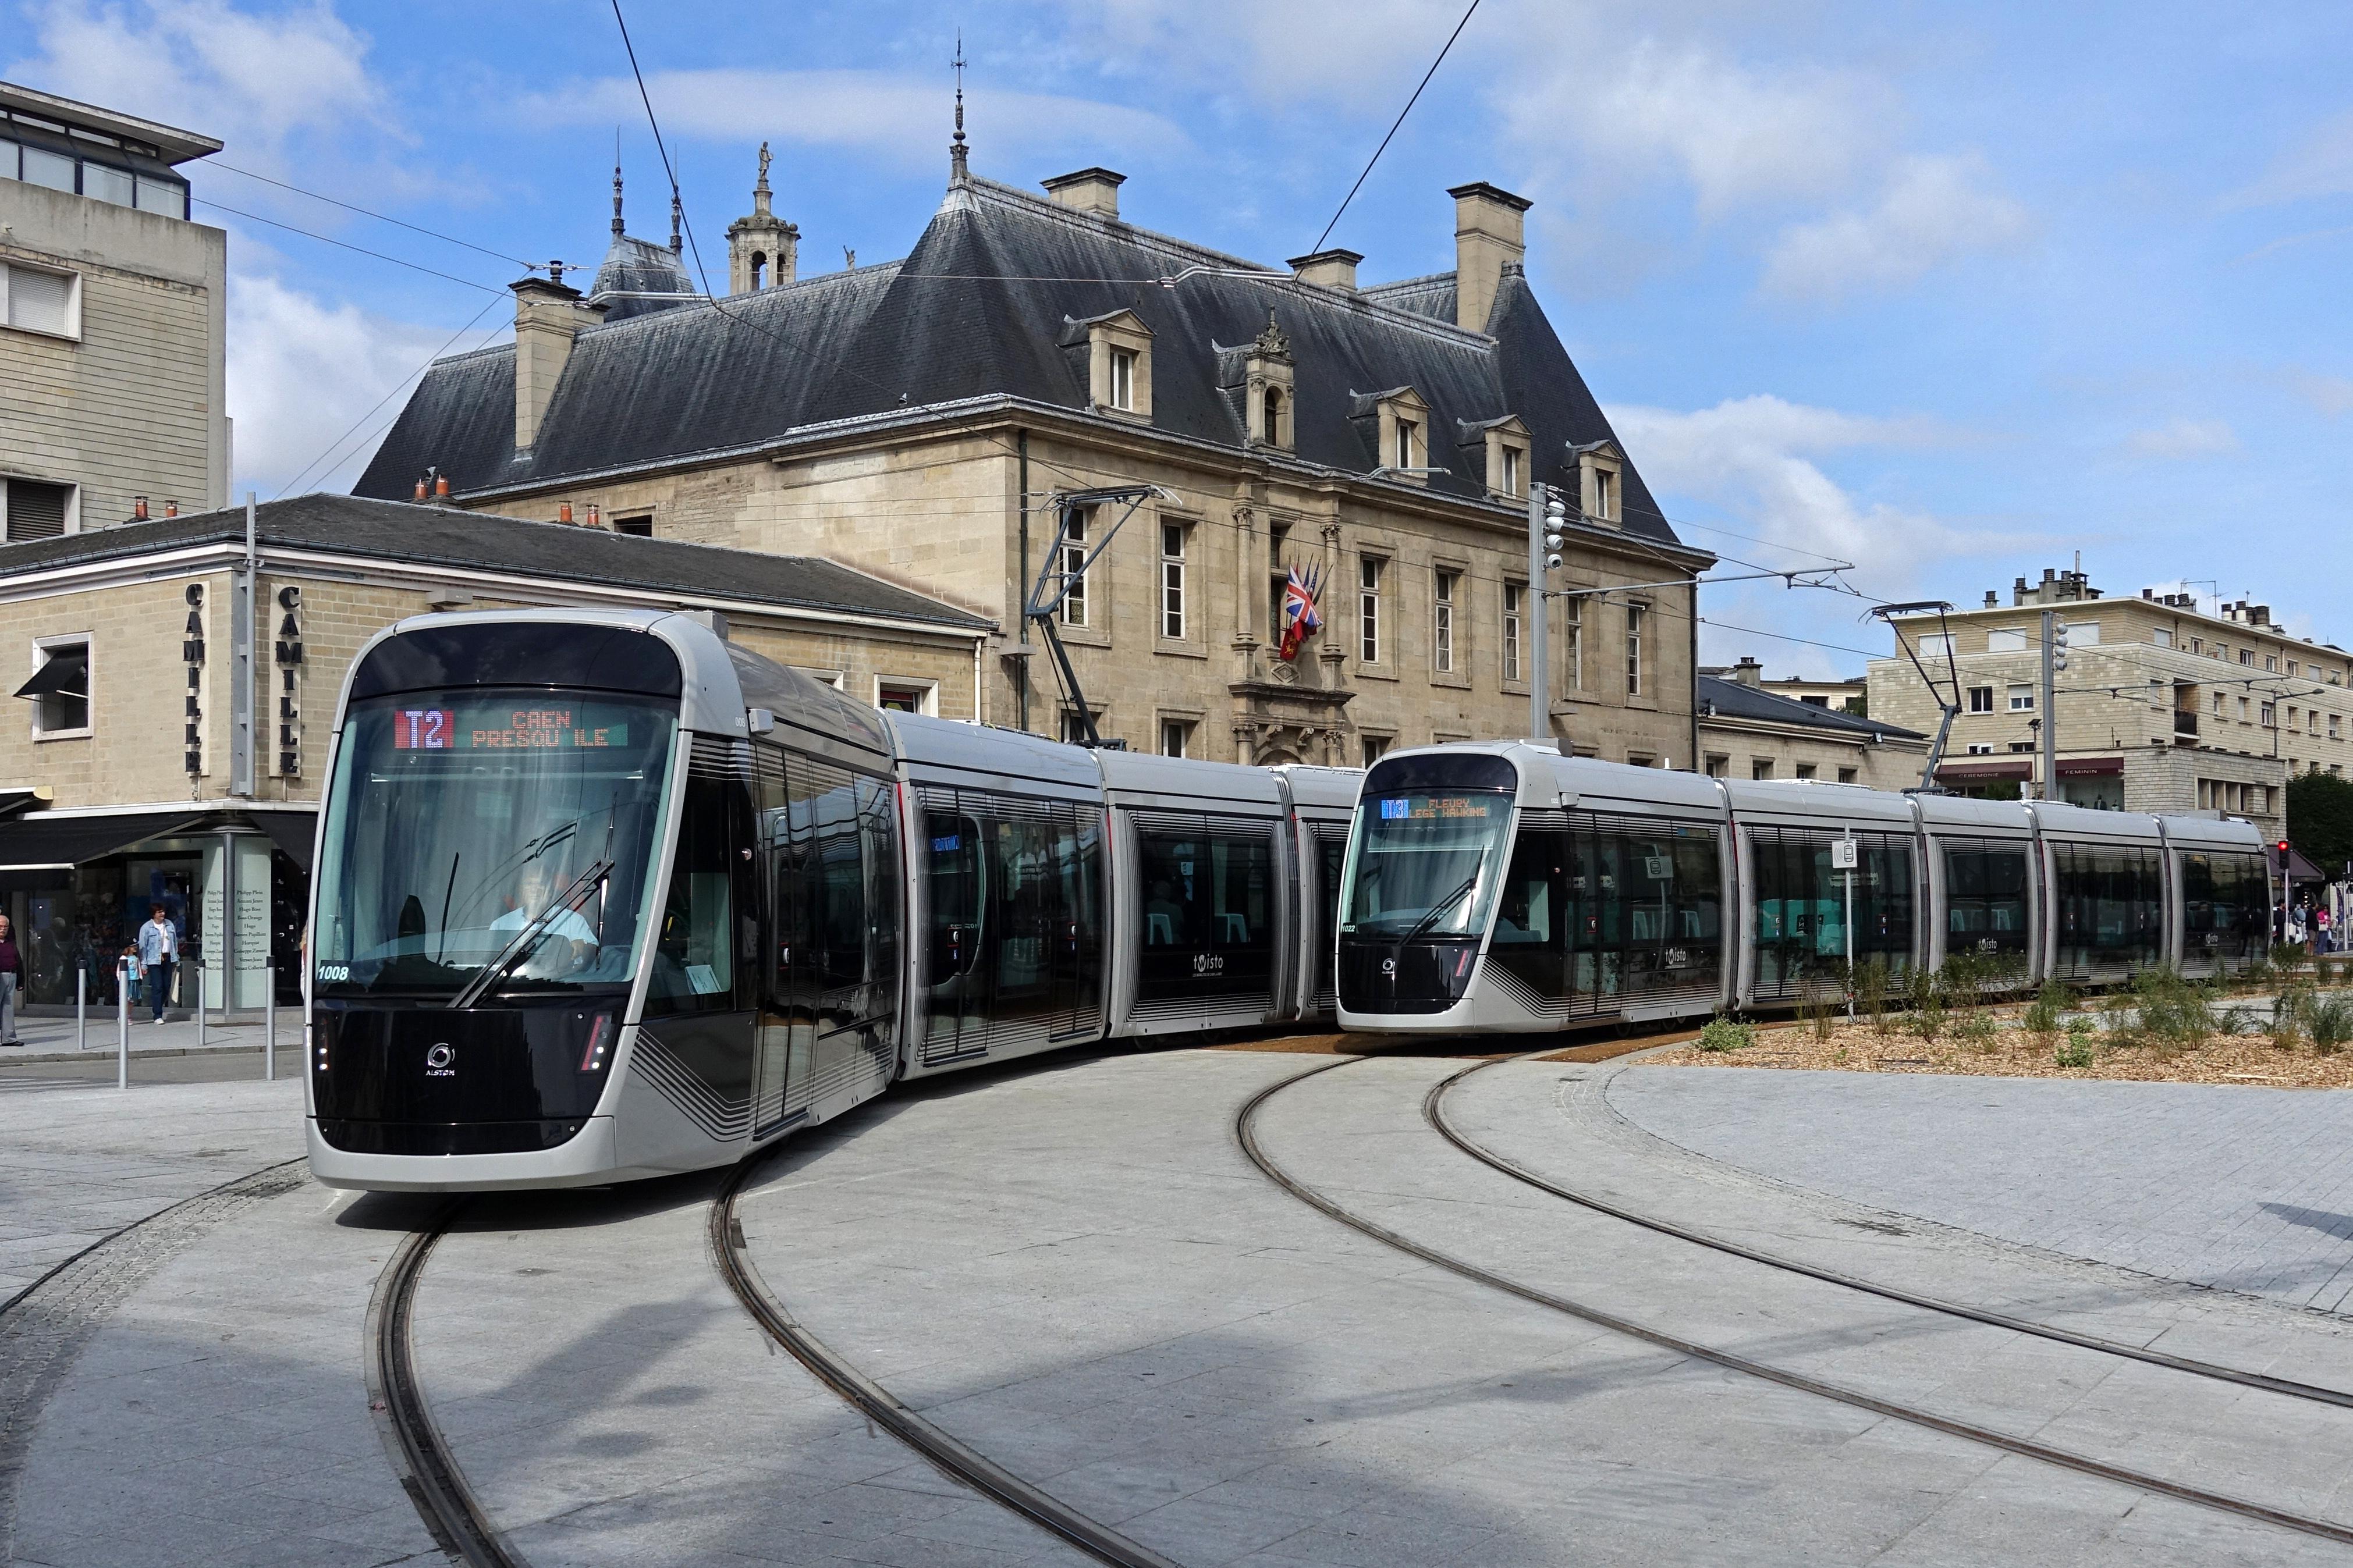 Longtemps banni des centres-villes, le tram revient en force partout en France ! Par Vincent Pons Tramway_Caen_1008_et_1022